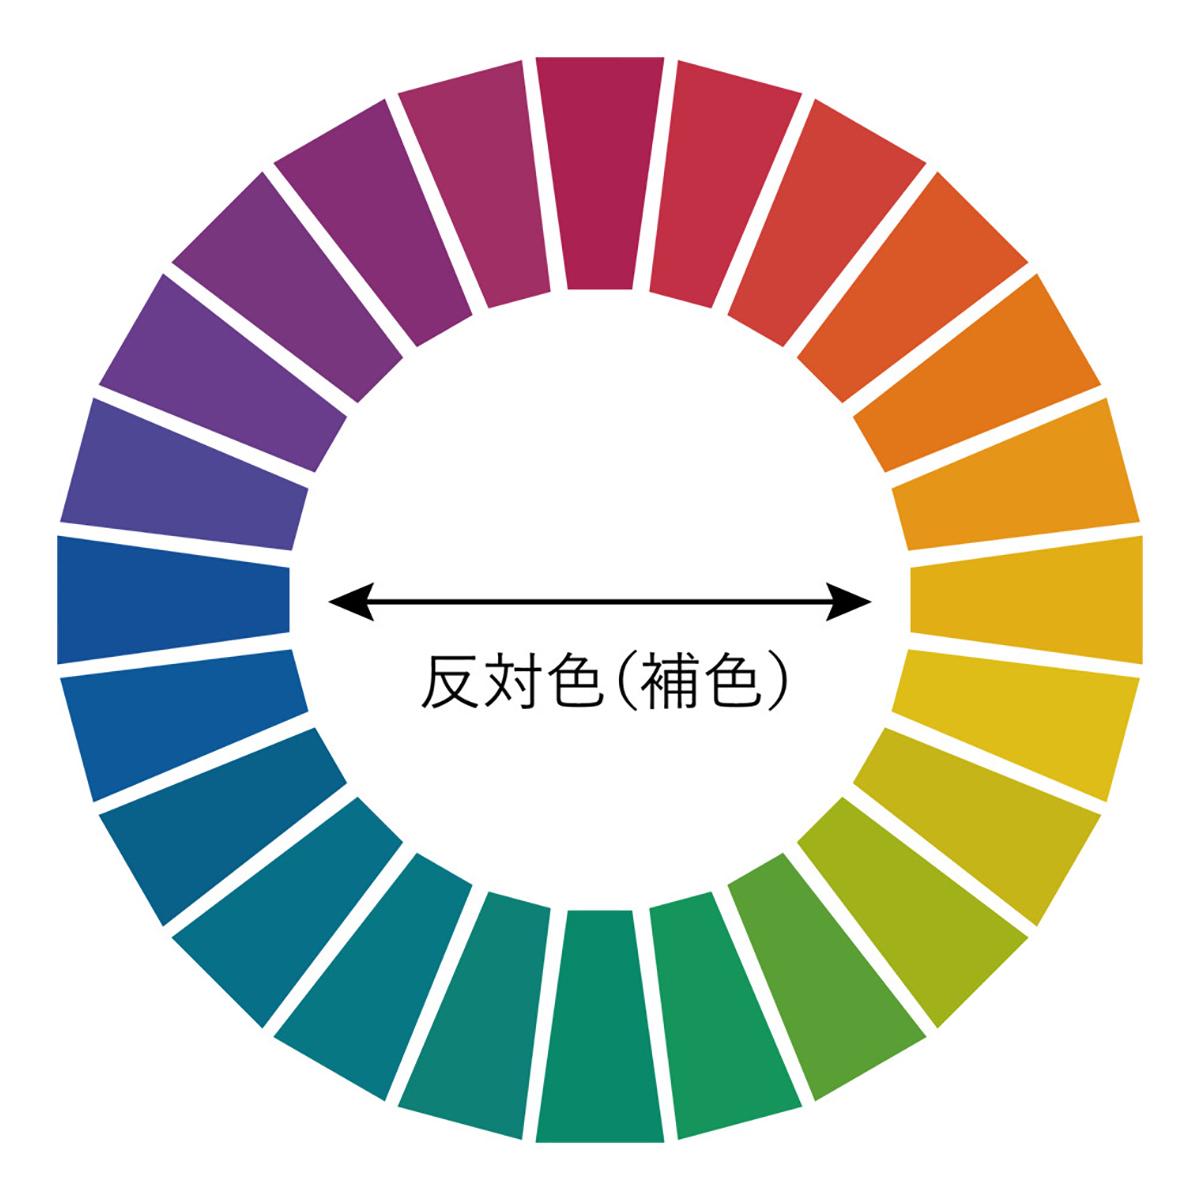 補色関係の色同士を組み合わせると、お互いが鮮やかに引き立て合うので、より新鮮で美味しそうに見えるという視覚効果。「色漆のそば猪口」| 漆琳堂×MONOCO